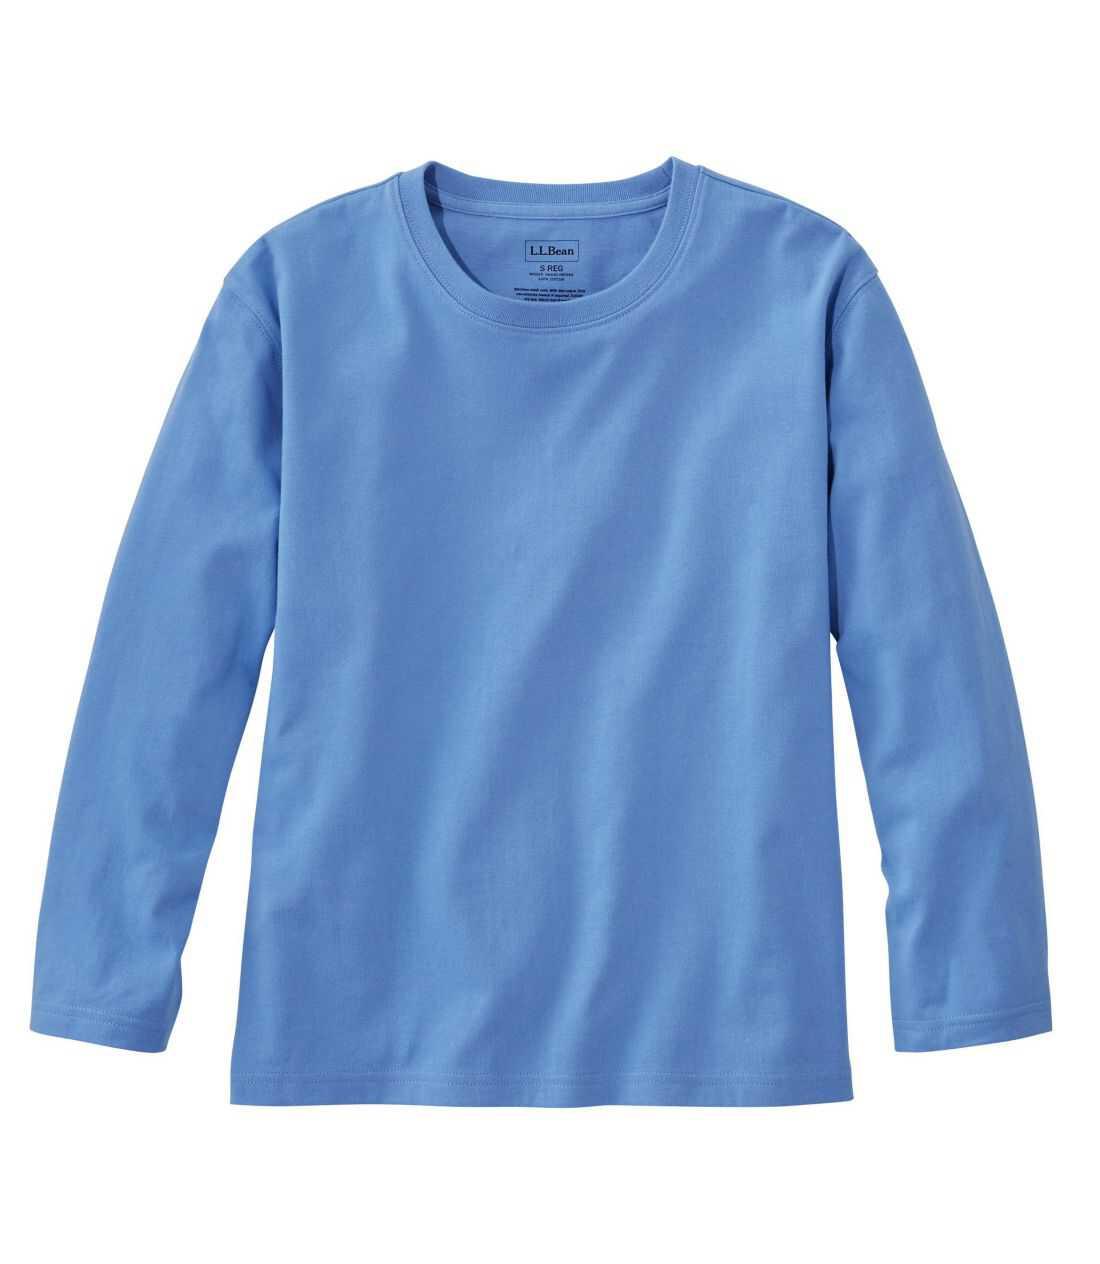 サタデーTシャツ、クルーネック 7分丈袖